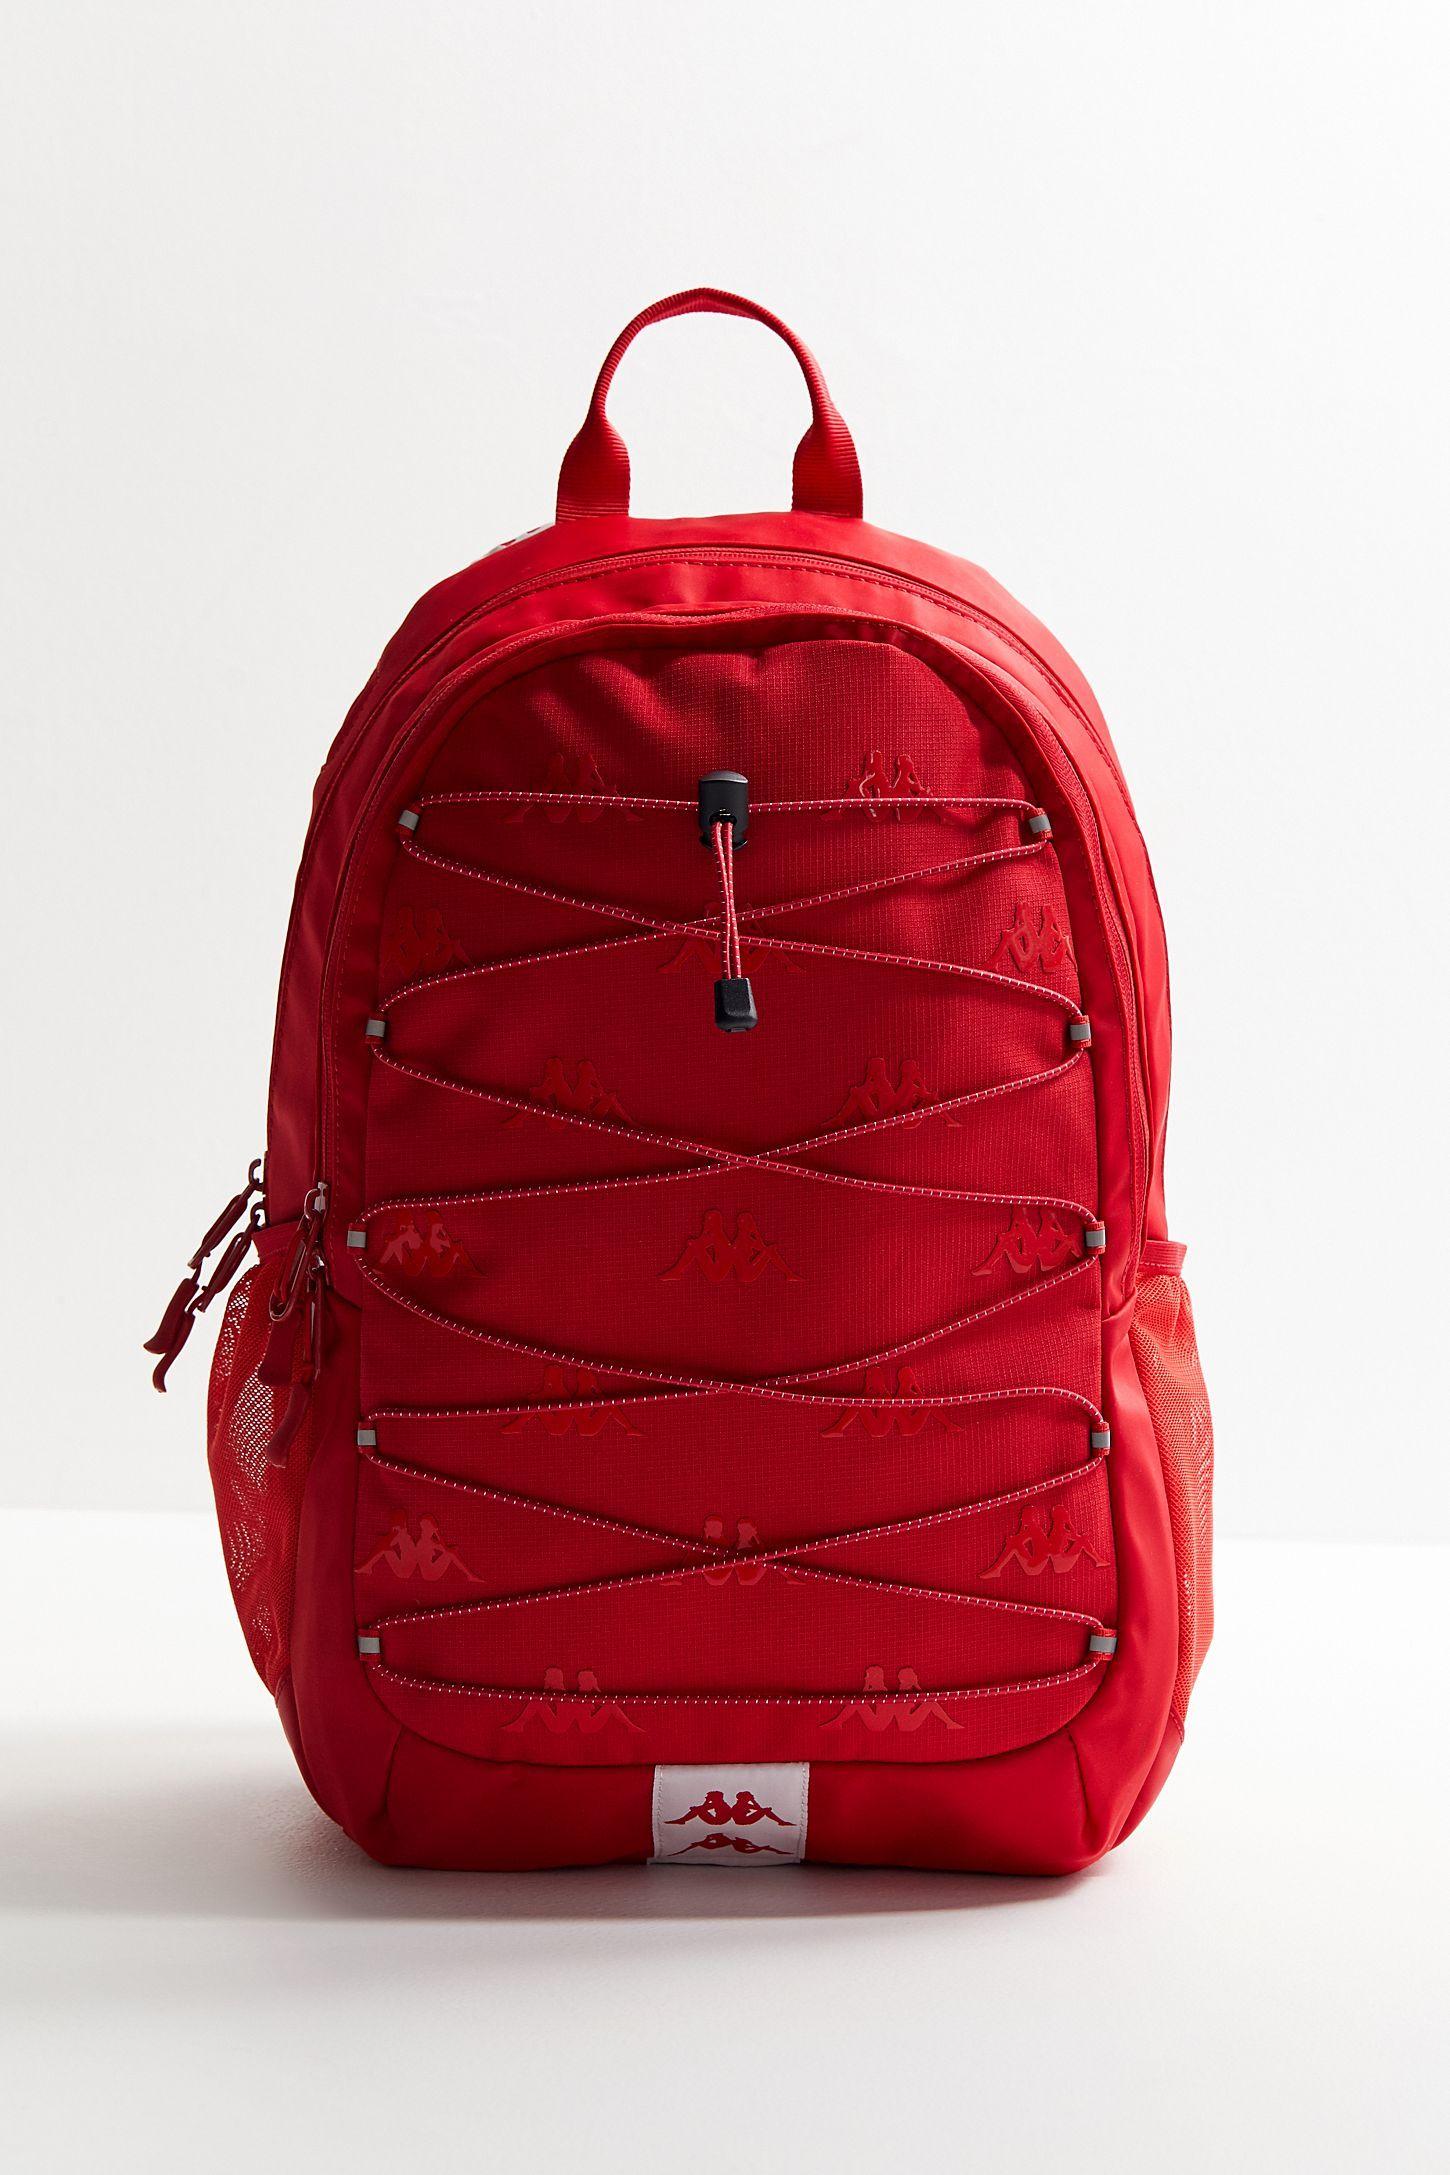 325179c780 Kappa Premium Backpack | ~⭕️❌ | Backpacks, Kappa, Fashion backpack